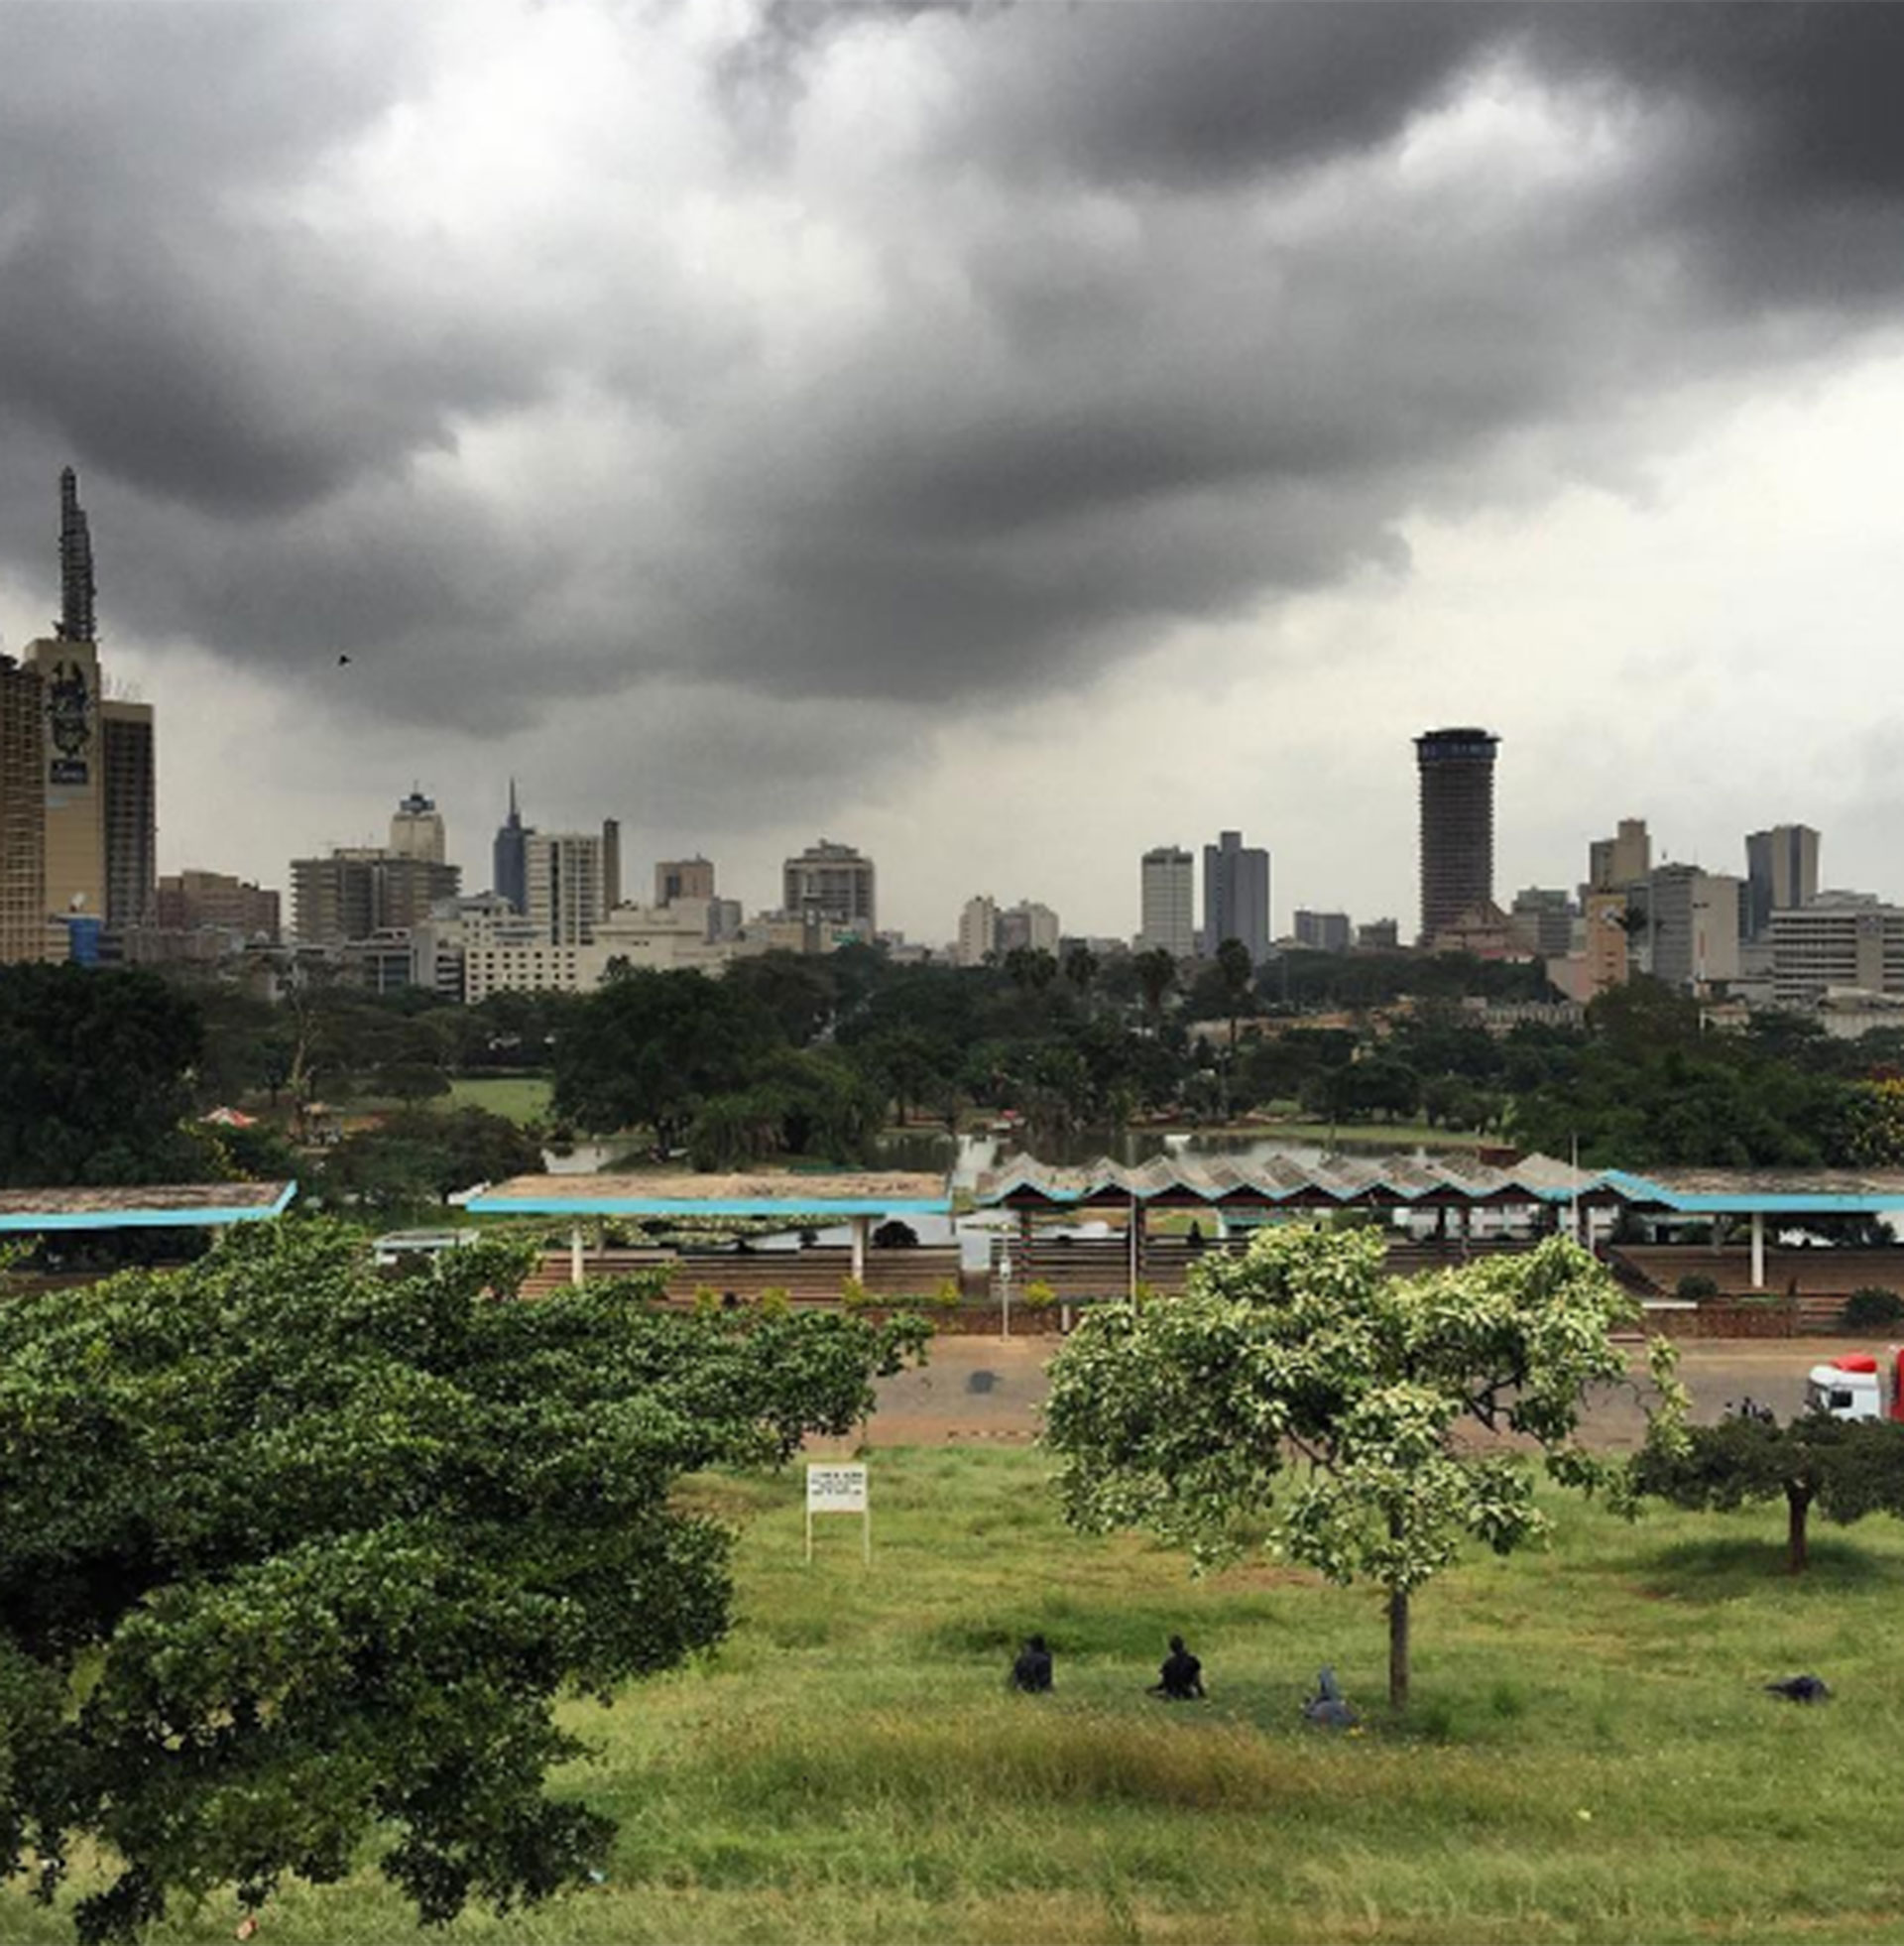 Jeppesen en Kenia. Cree que lo mejor para viajar a lugares de riesgo es con empresas turísticas confiables